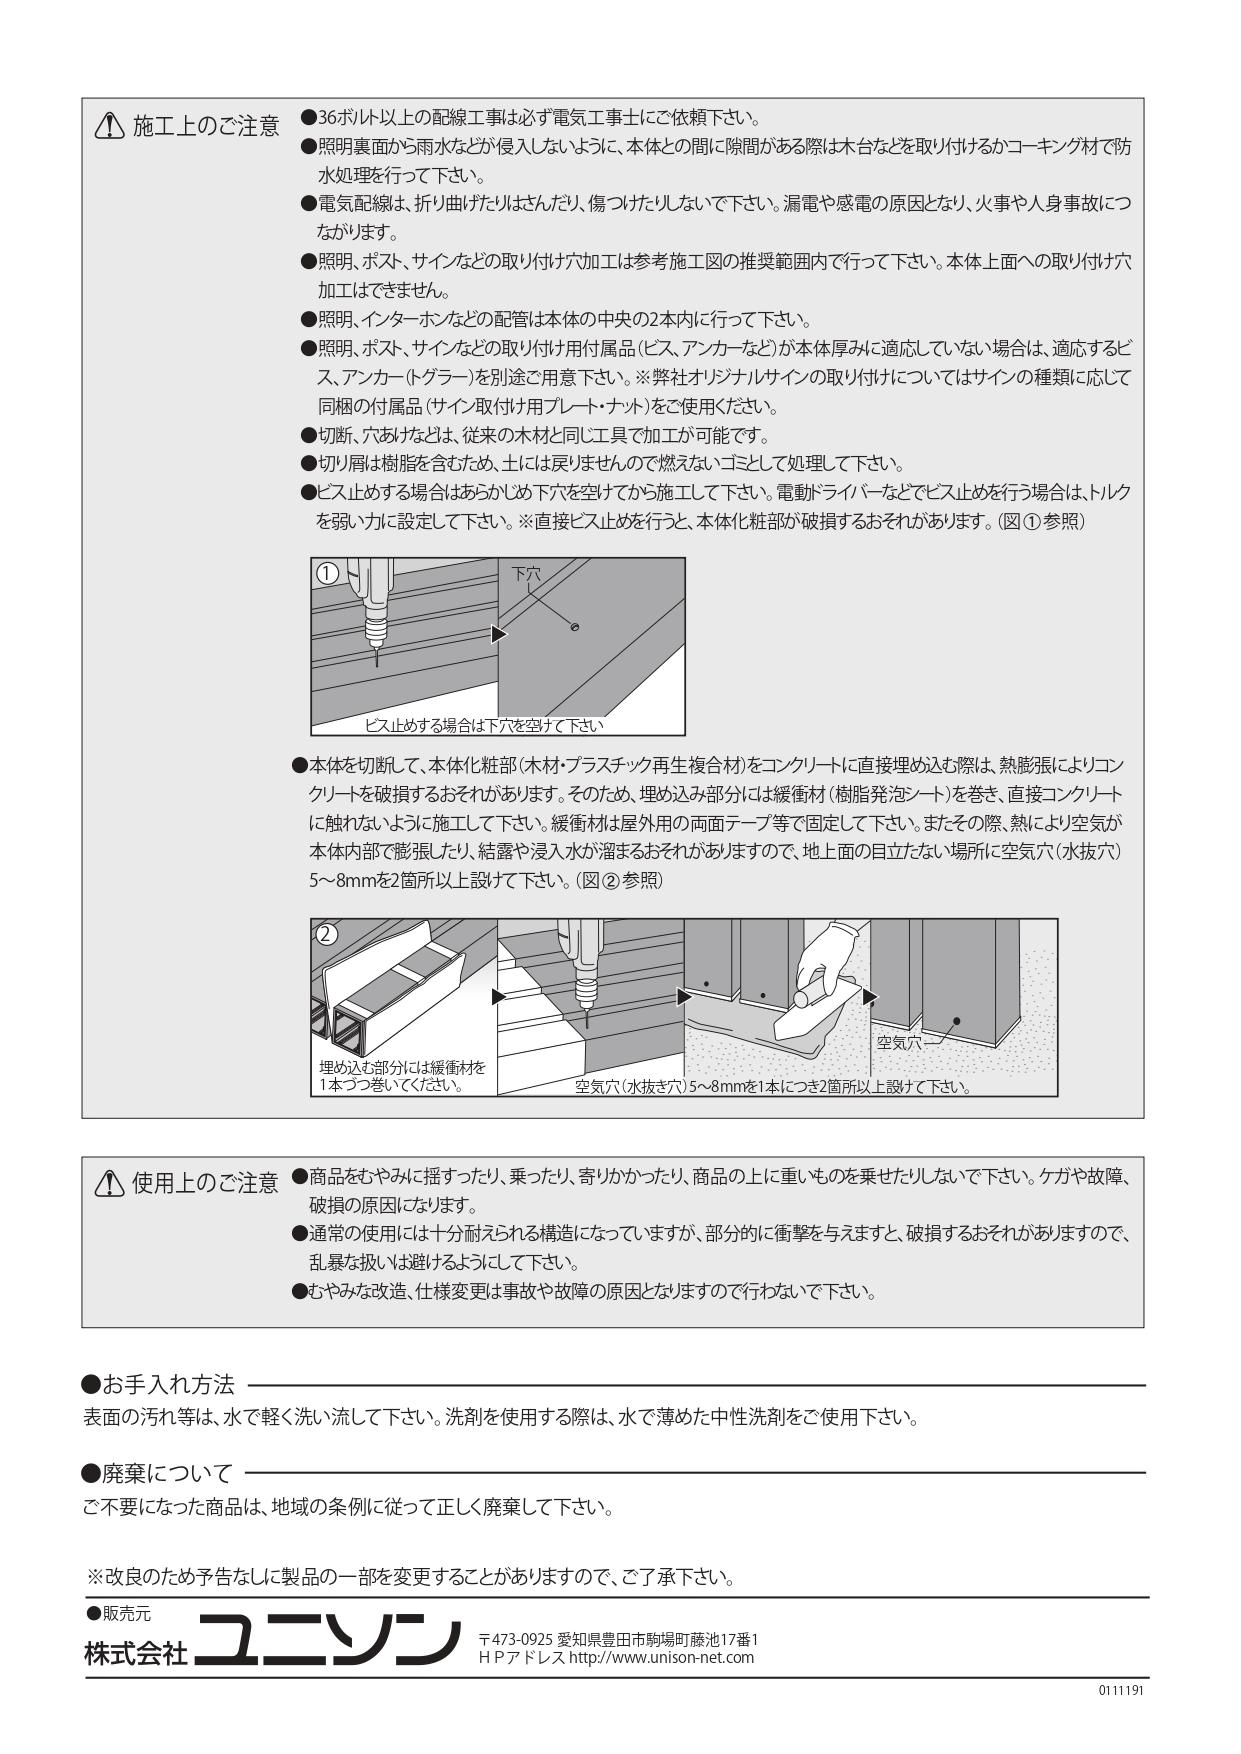 フォレスコネクトST_取扱説明書_page-0004